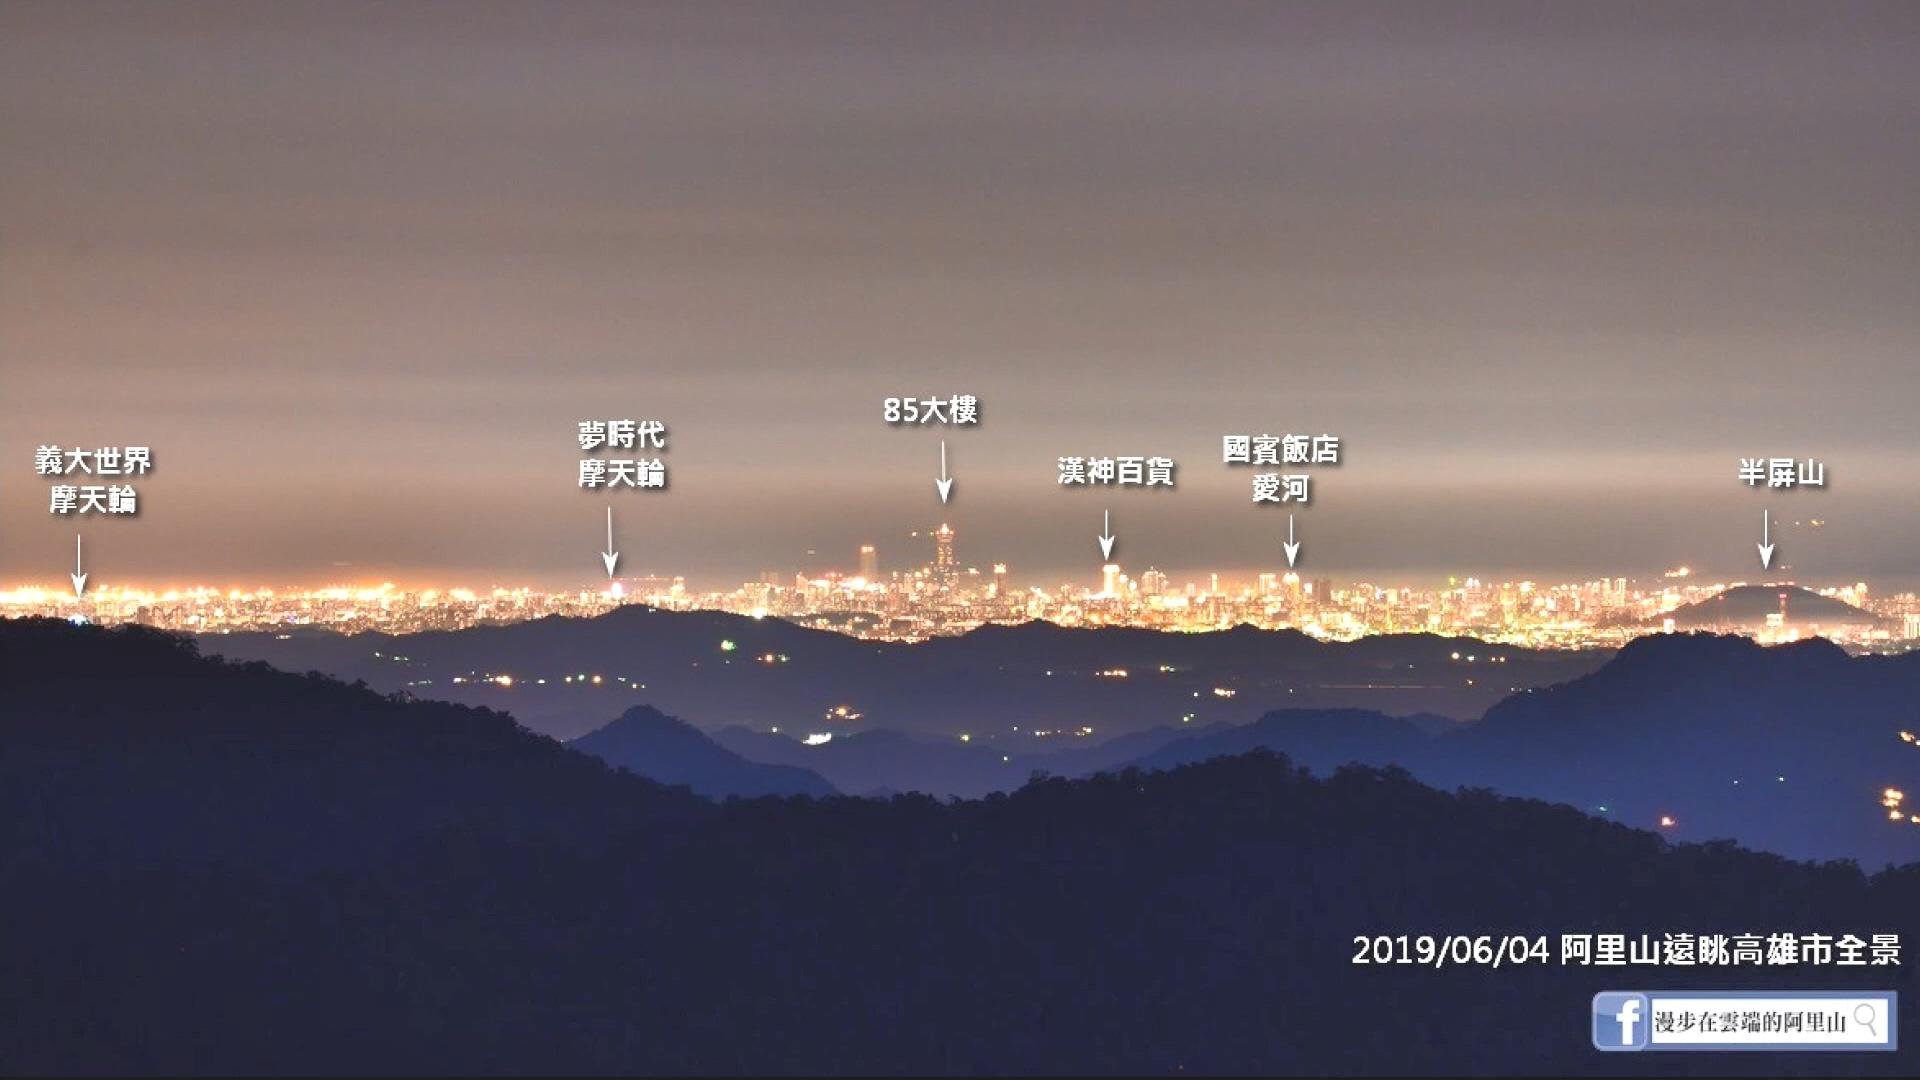 圖/翻攝自漫步在雲端的阿里山 臉書